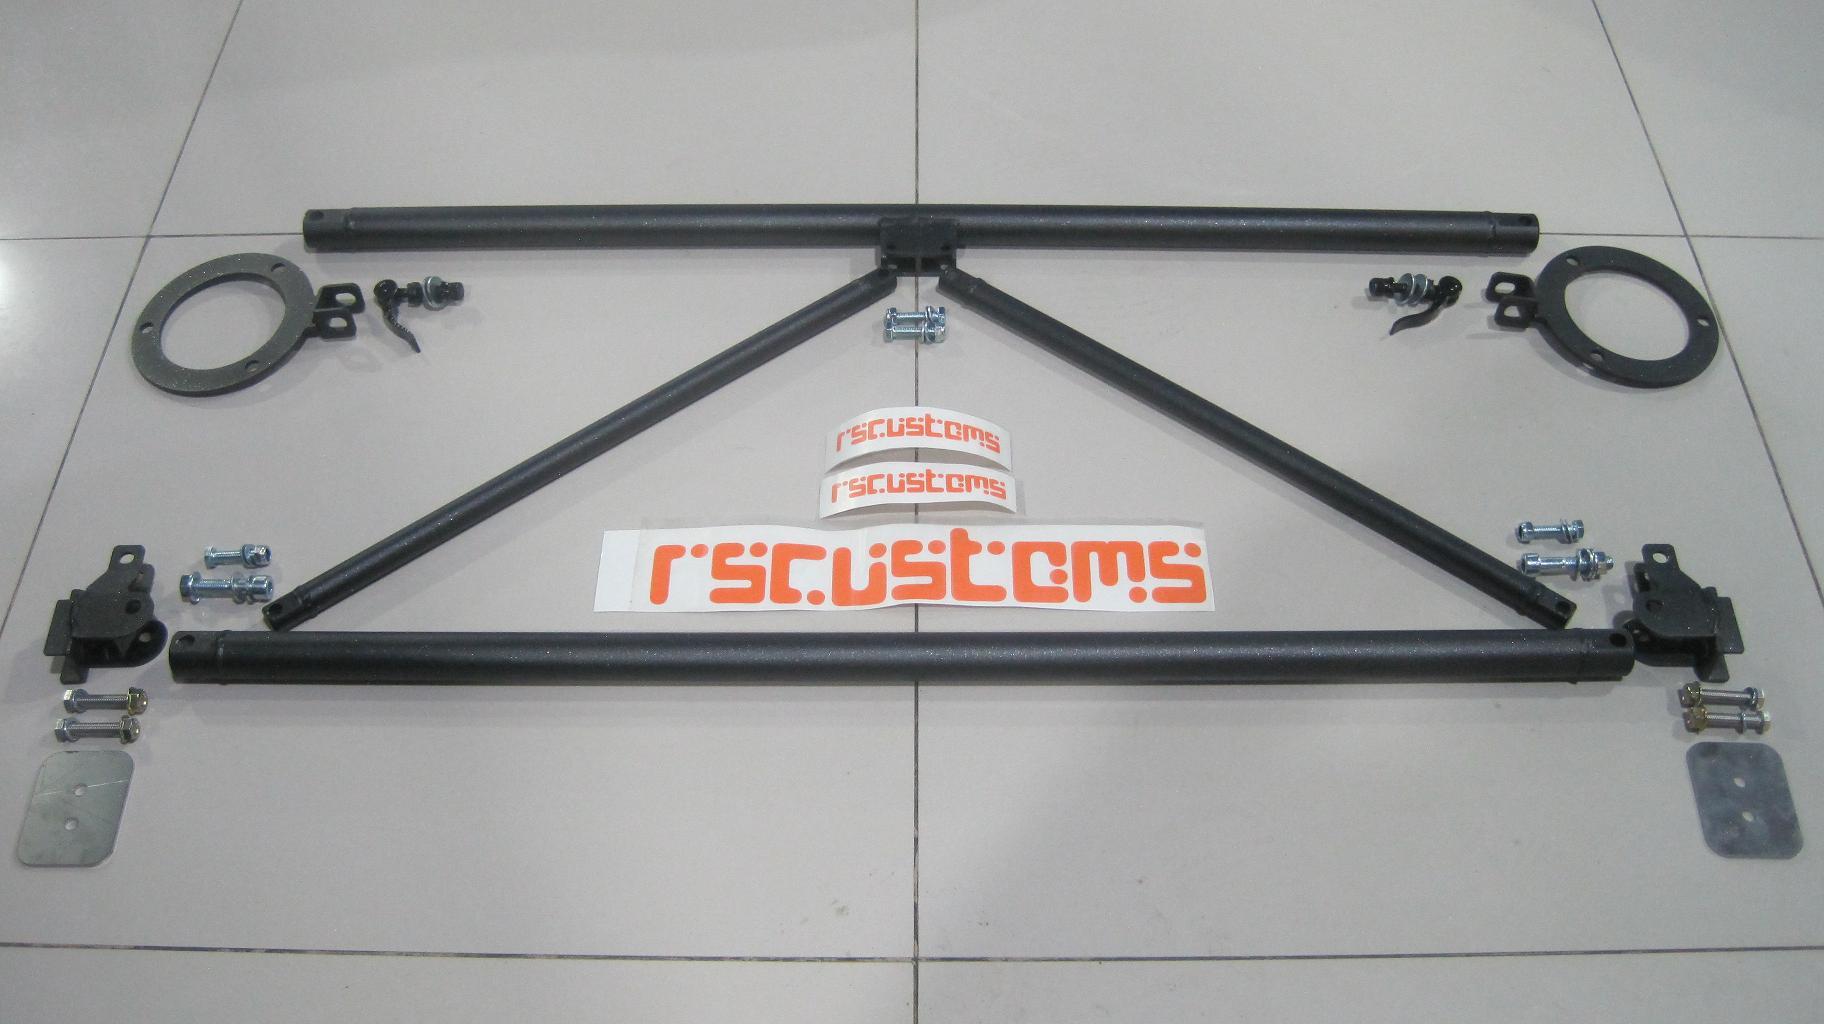 Распорка задняя 5ти точечная rscustoms - 002